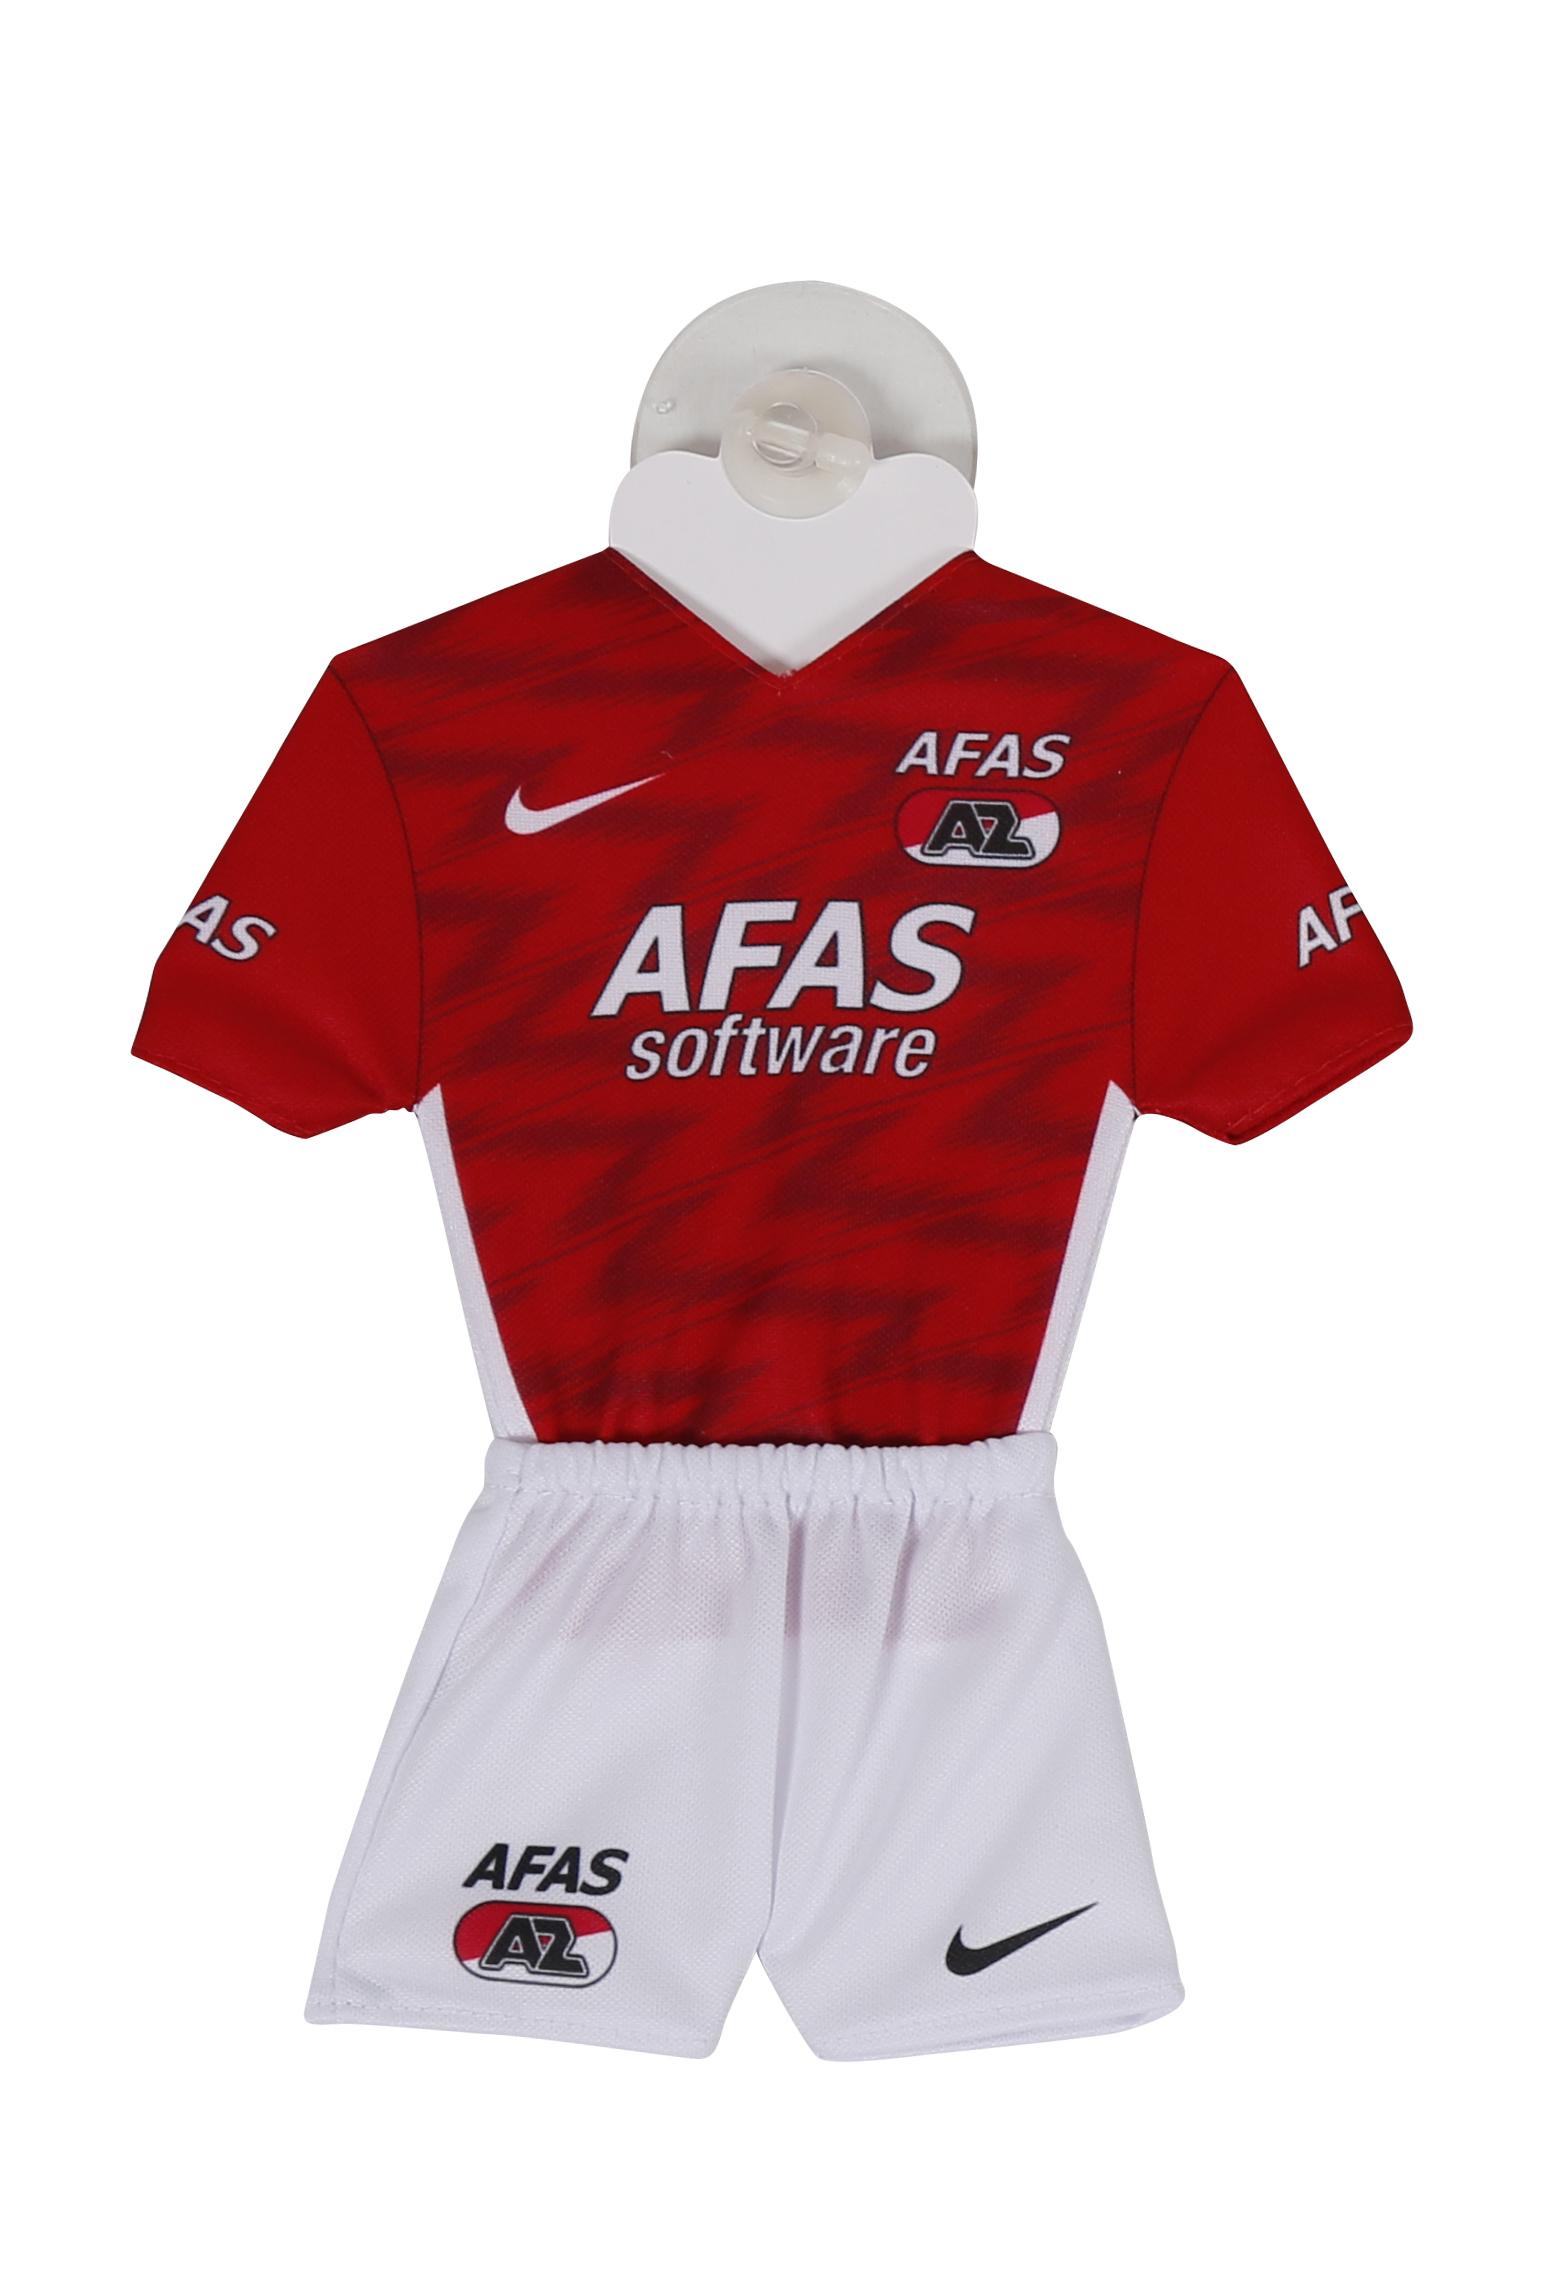 Mini-kit Nike Thuis Rood Wit